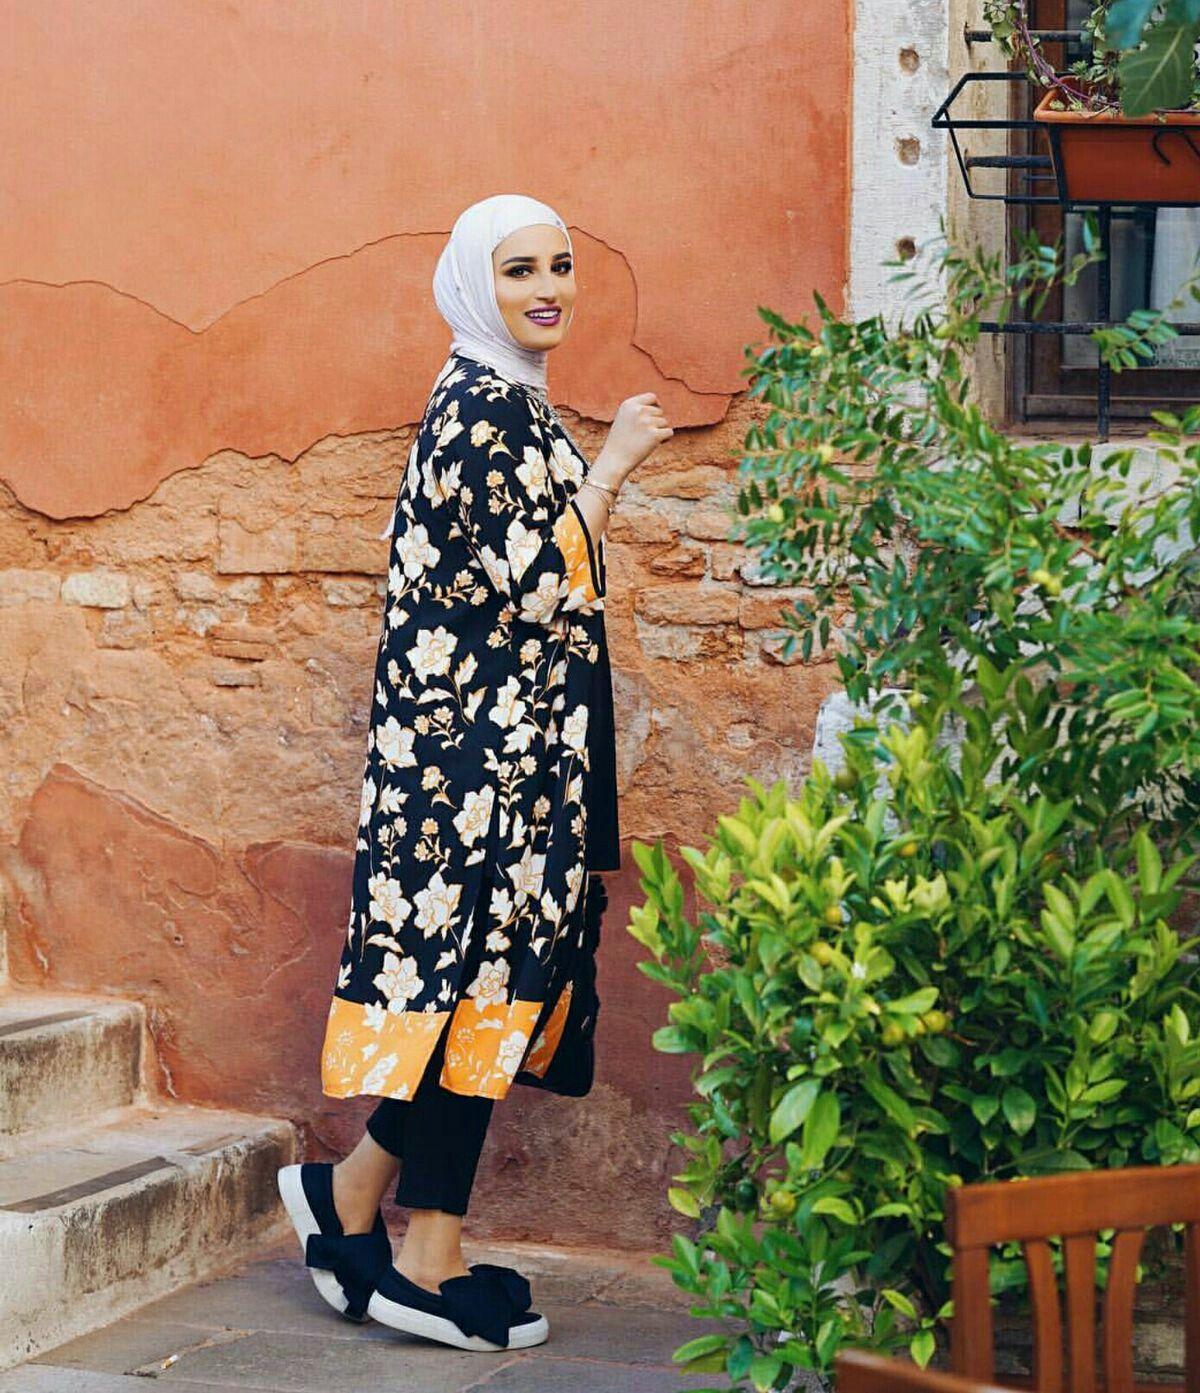 051bfcad6fd Hijab Fashion 2017   Top 60 meilleurs Modèles de hijab chic tendance de l  été